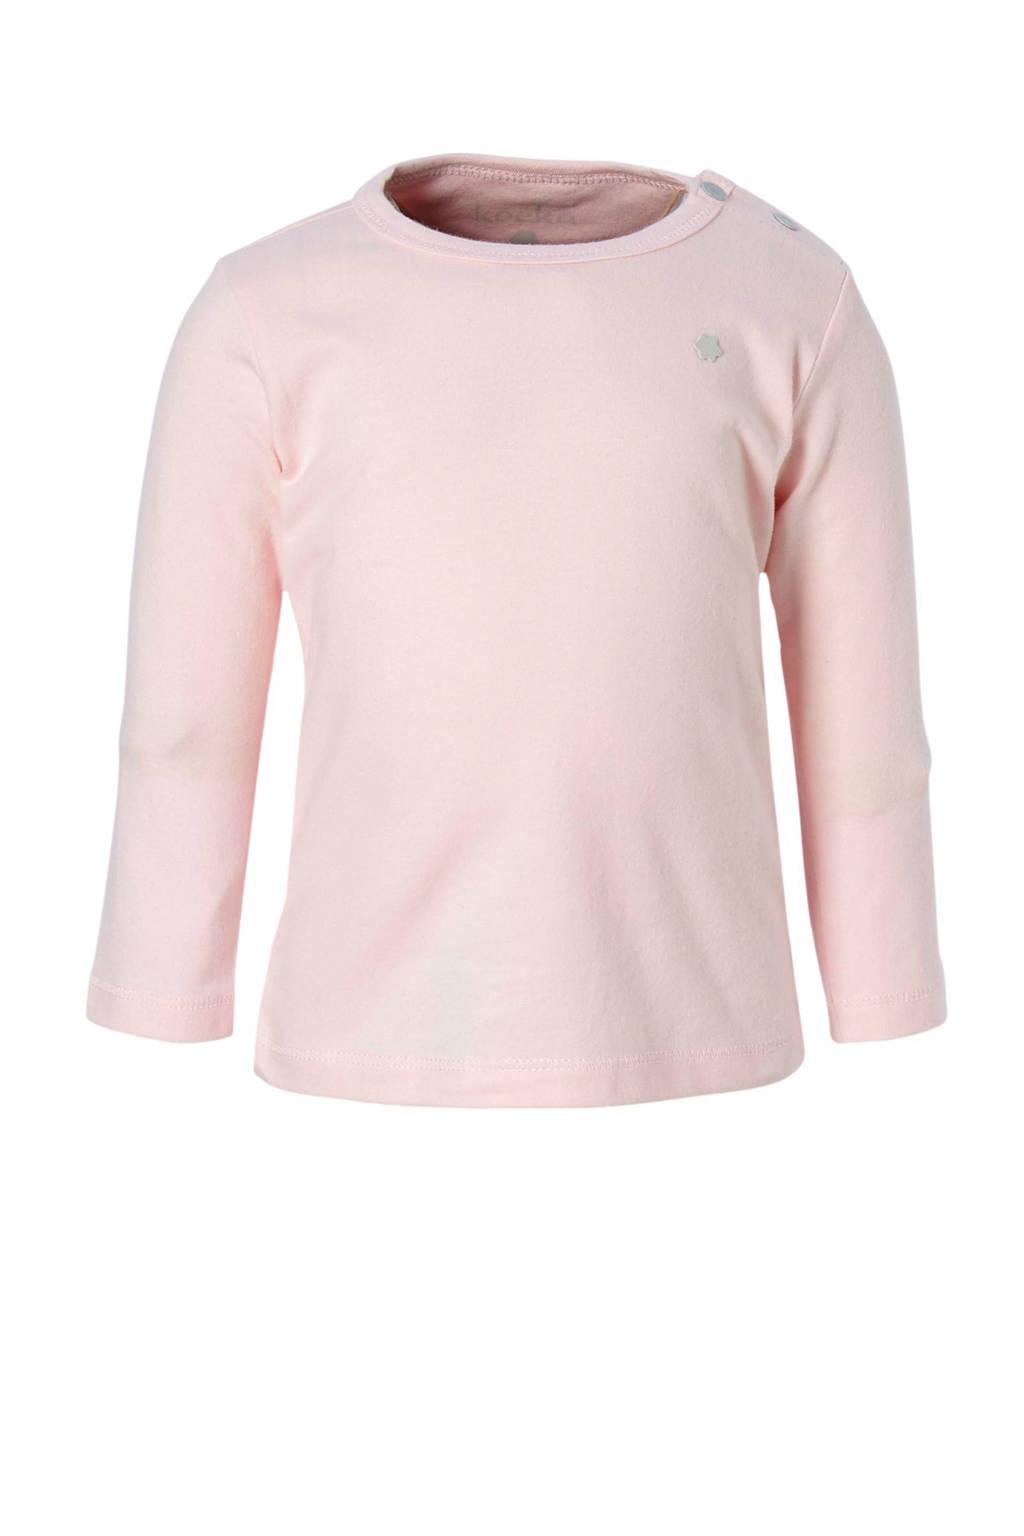 Koeka newborn longsleeve Rowan roze, Lichtroze